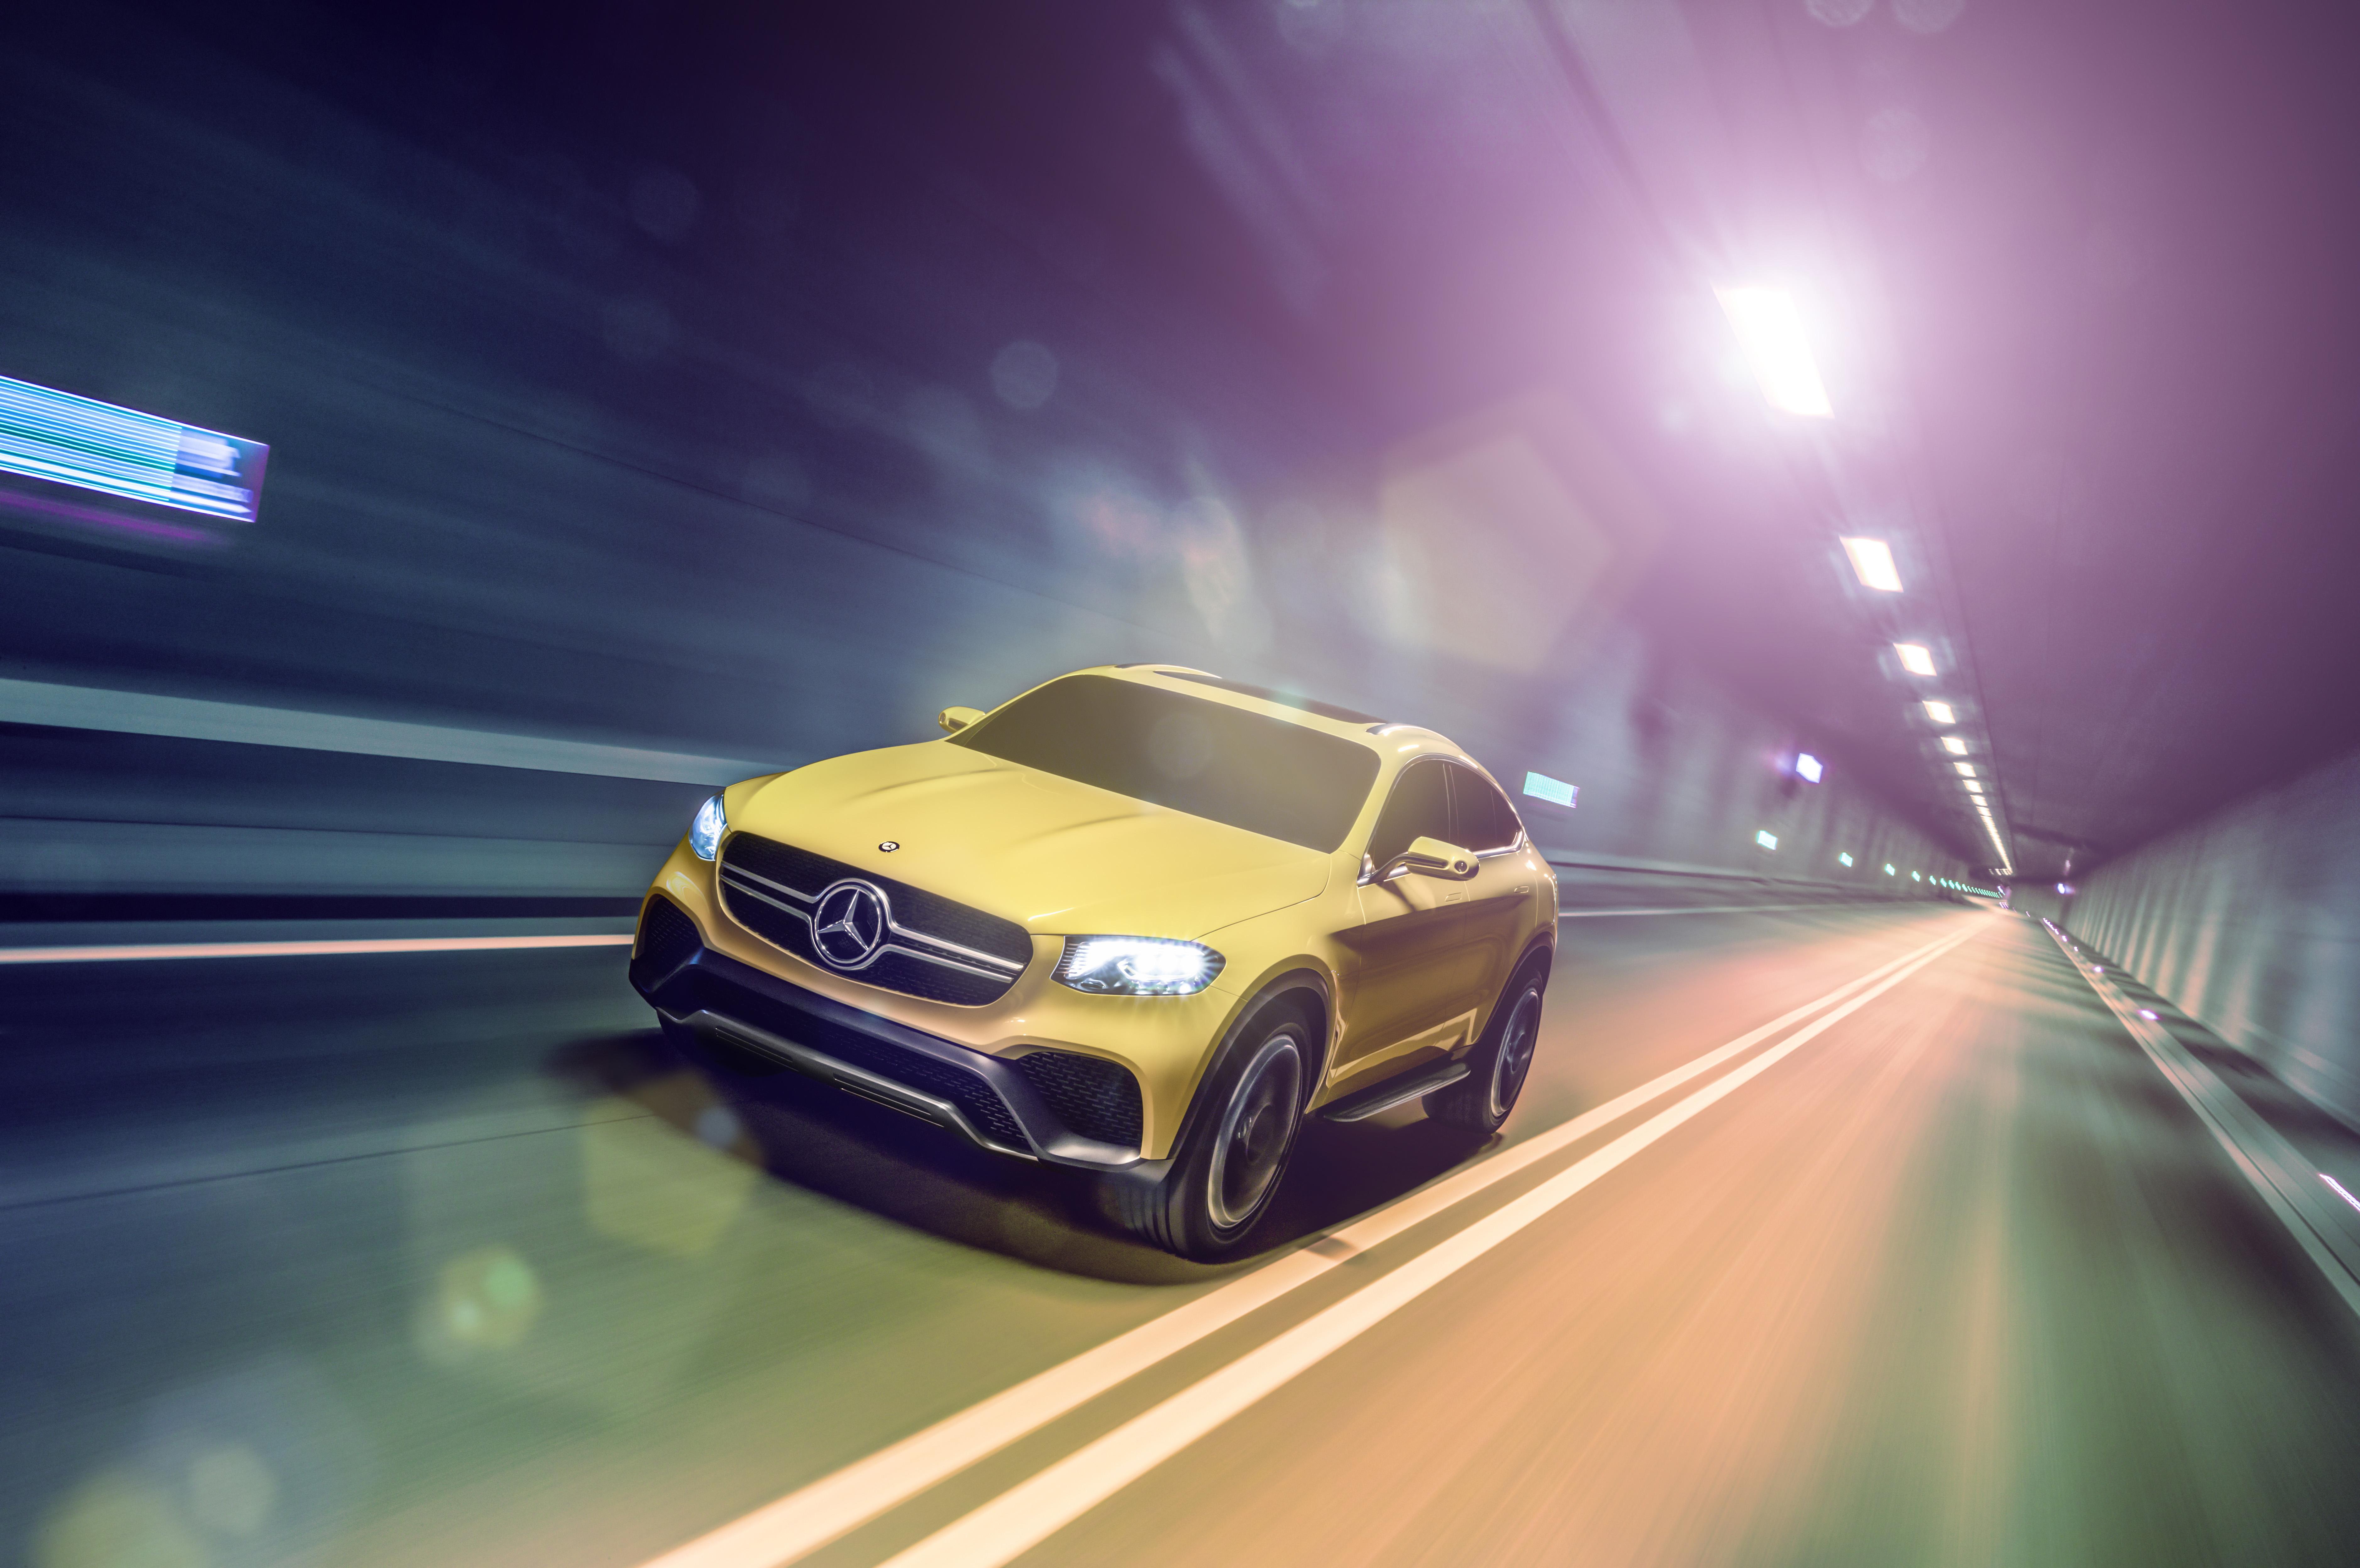 http://www.benzinsider.com/wp-content/uploads/2015/04/mercedes-benz-glc-coupe-concept-2.jpg